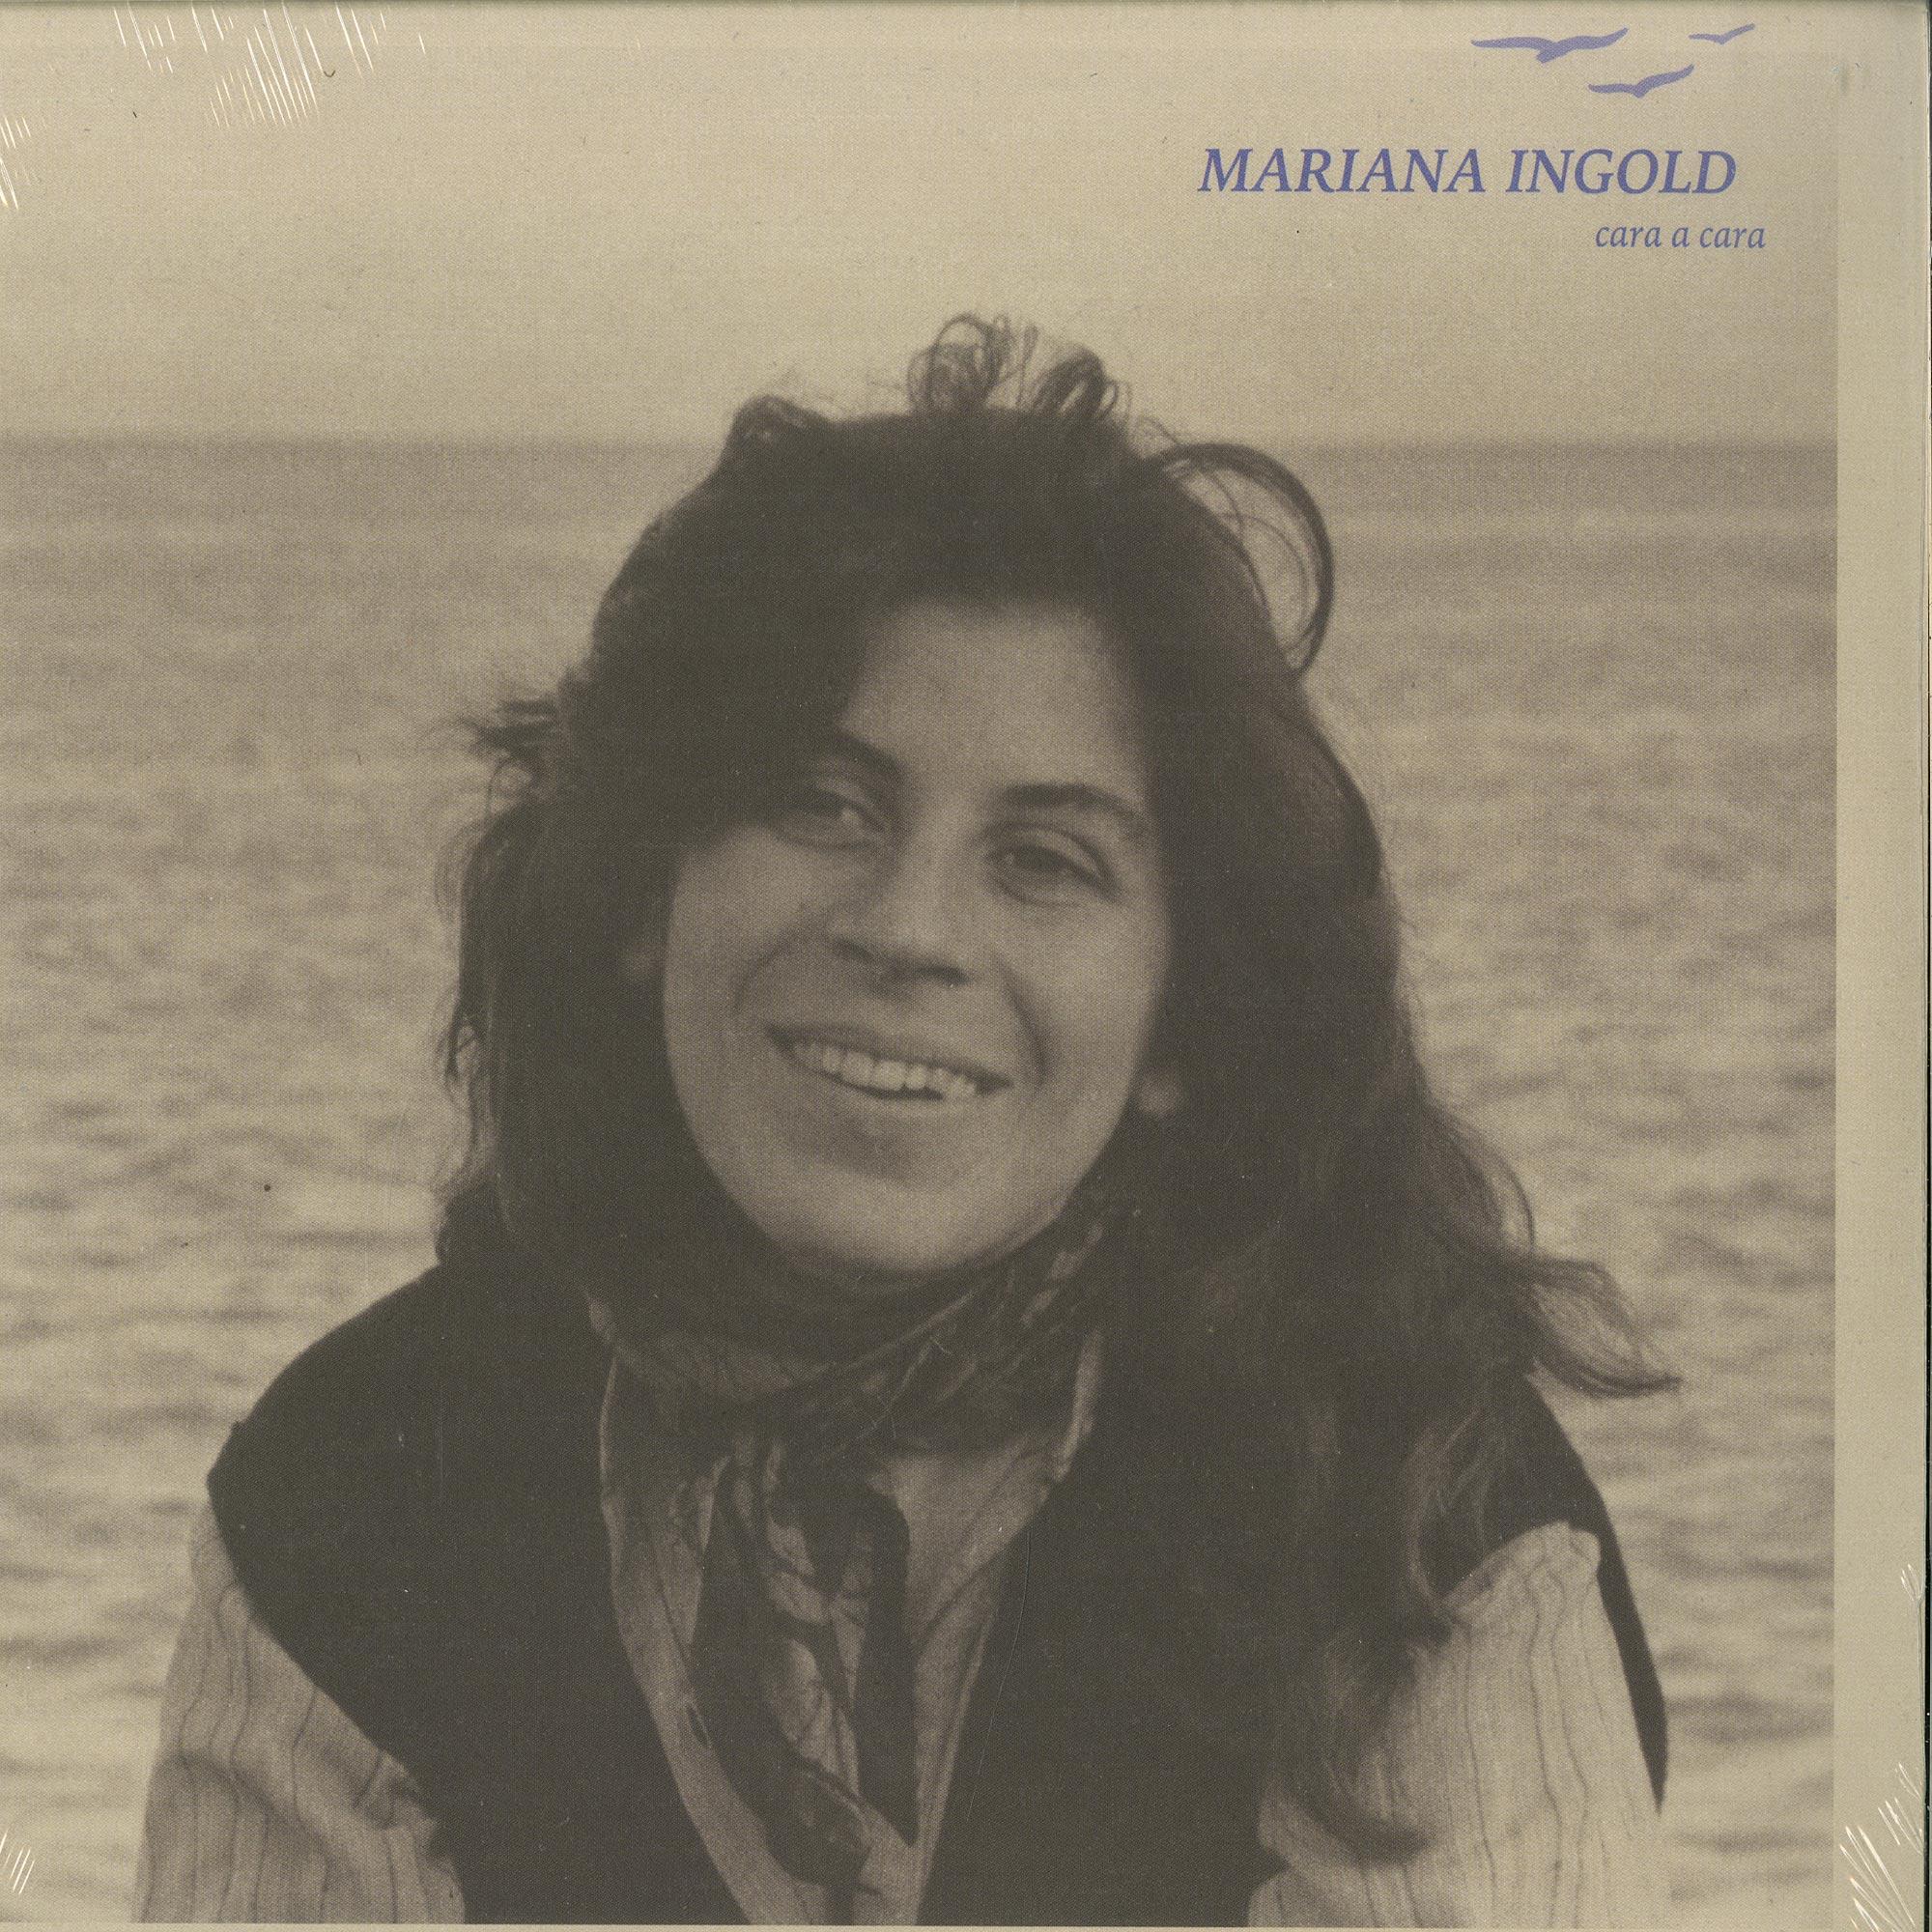 Mariana Ingold - CARA A CARA